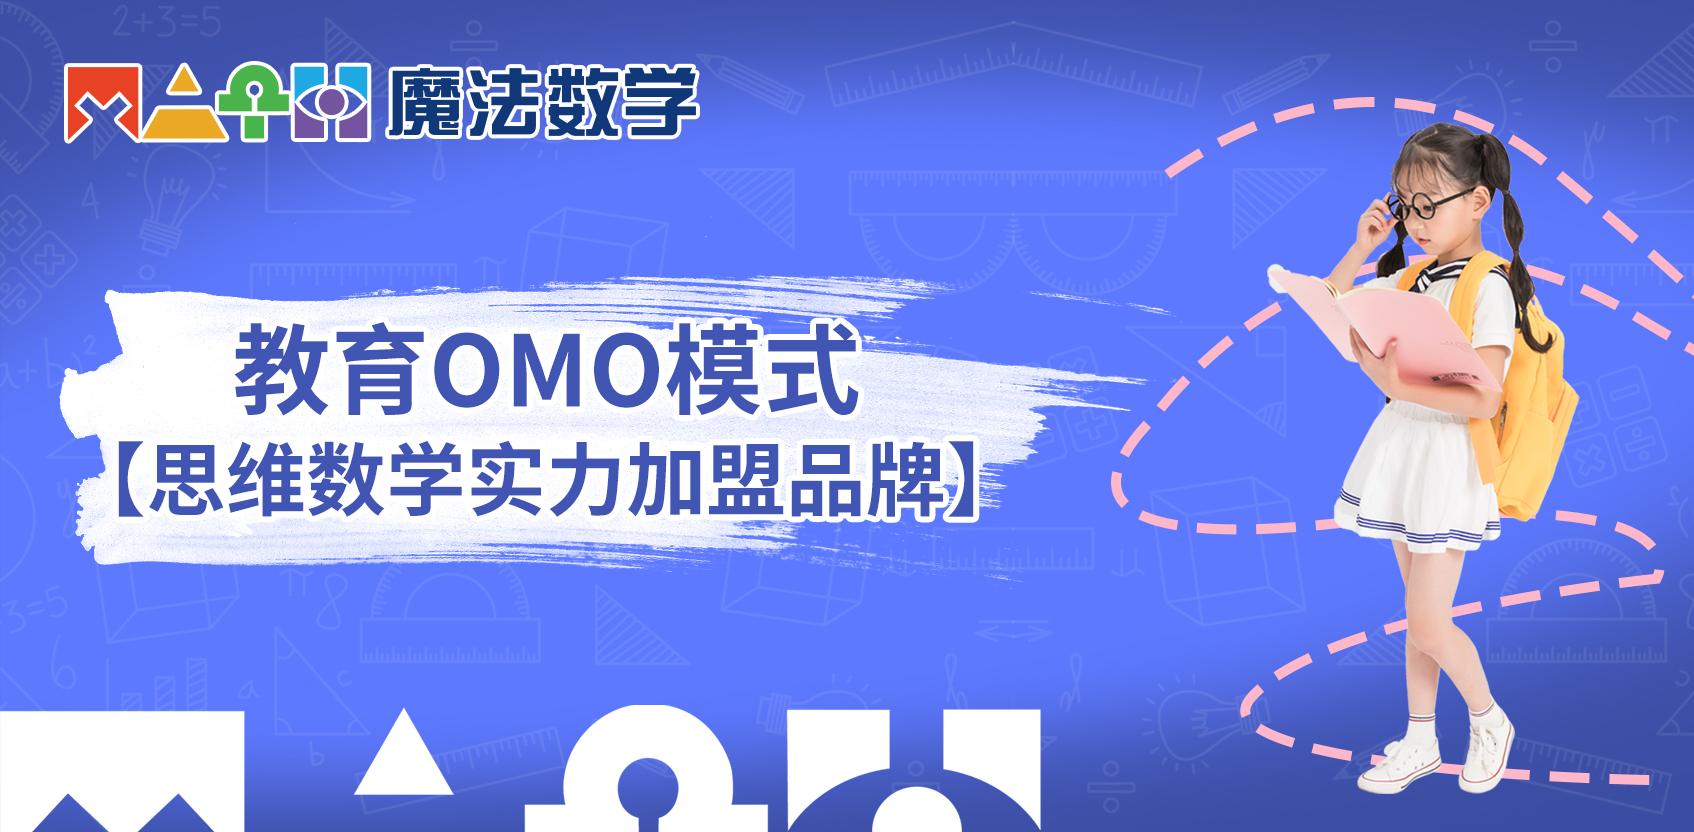 魔法数学:OMO教育新模式,缔造思维数学实力加盟品牌